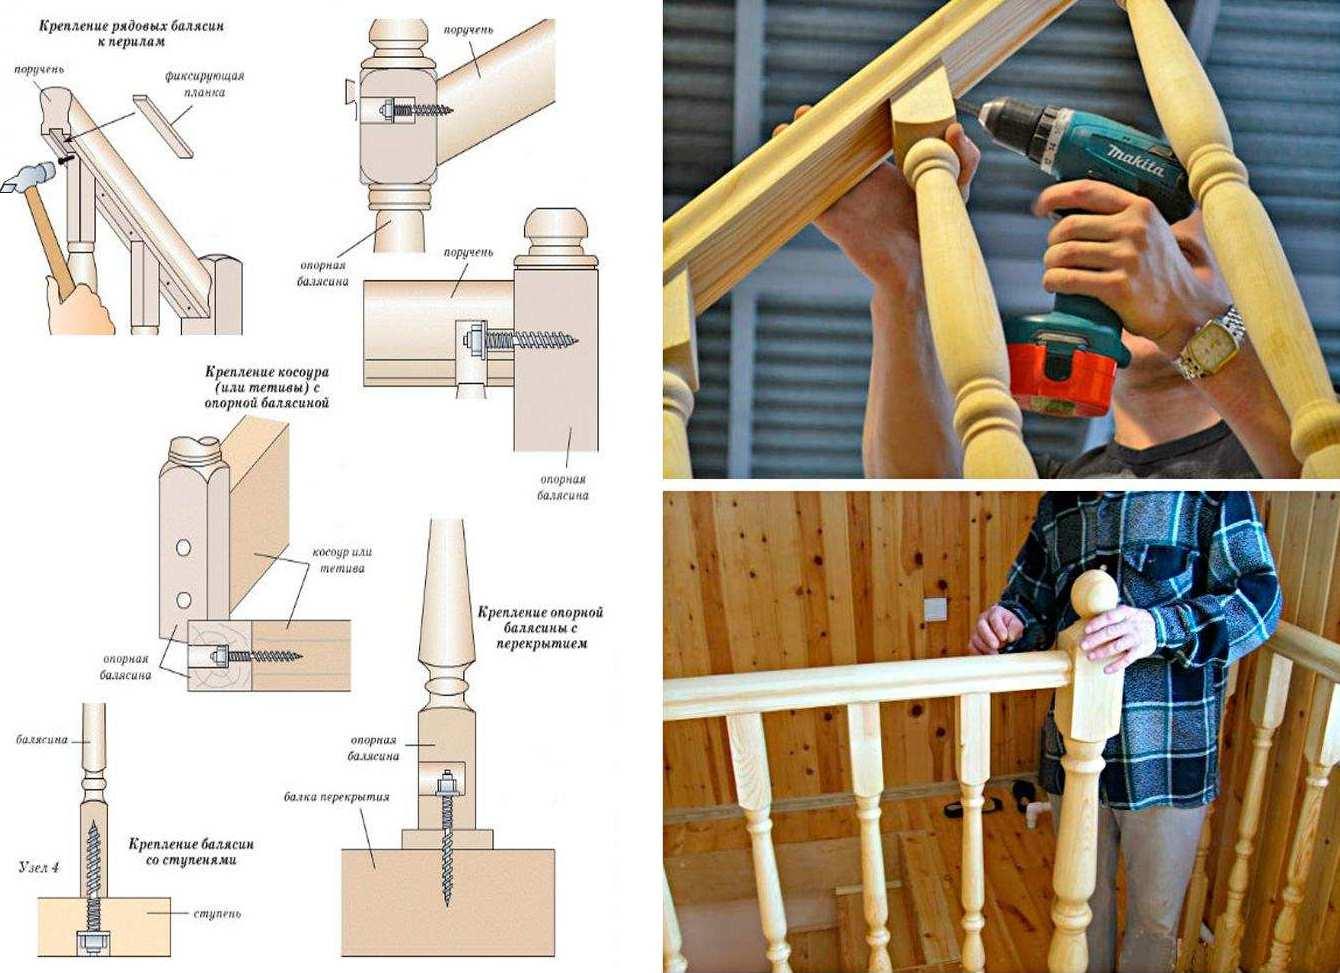 Материал лестницы - Страница 3 - Форум о строительстве и